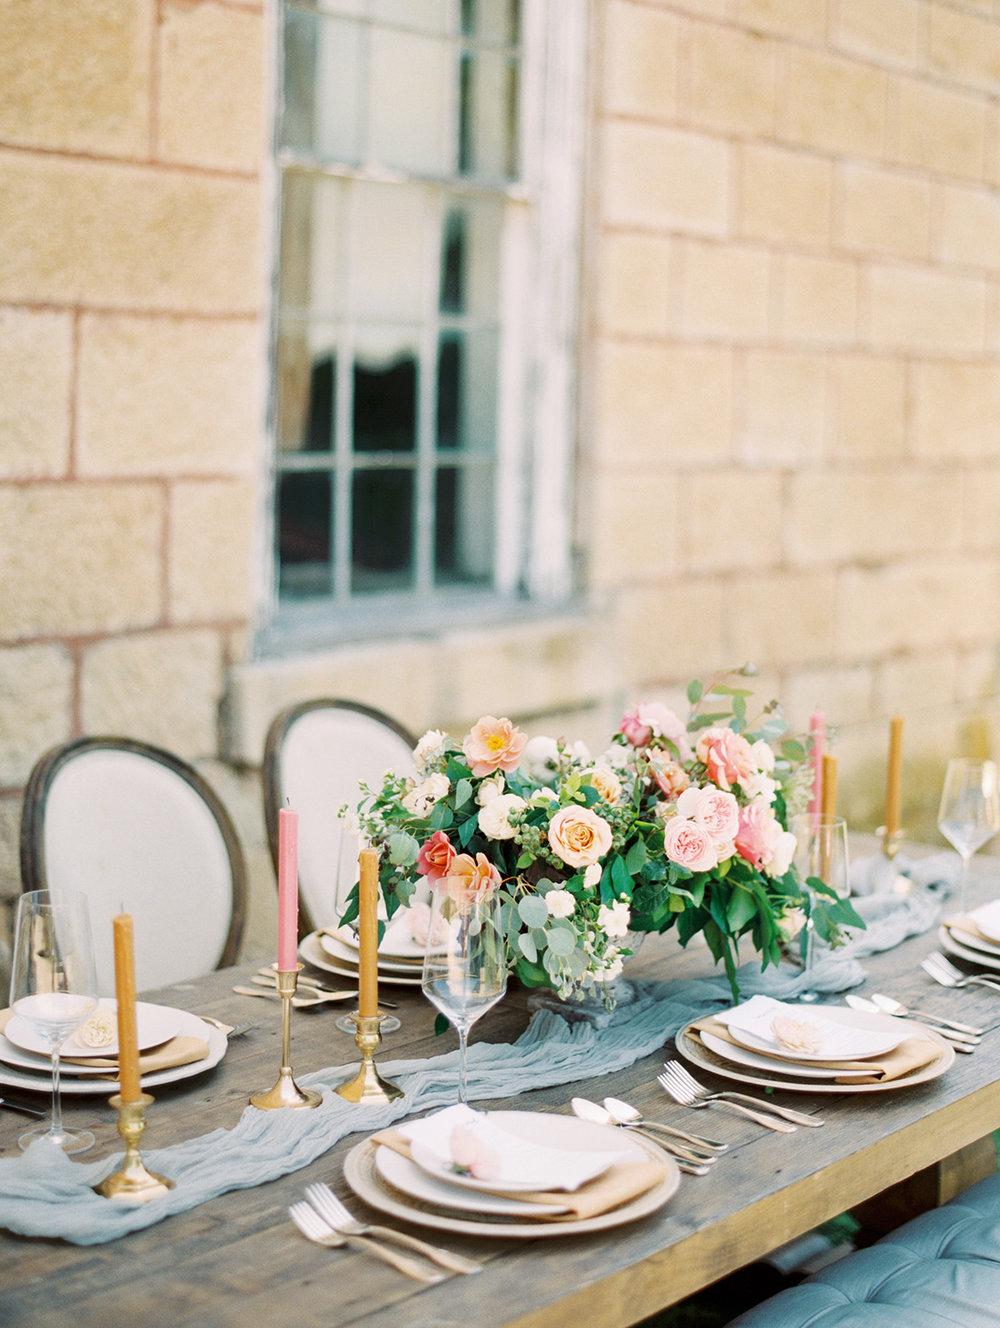 Lyons-Events-Outdoor-Al-Fresco-Wedding-Reception